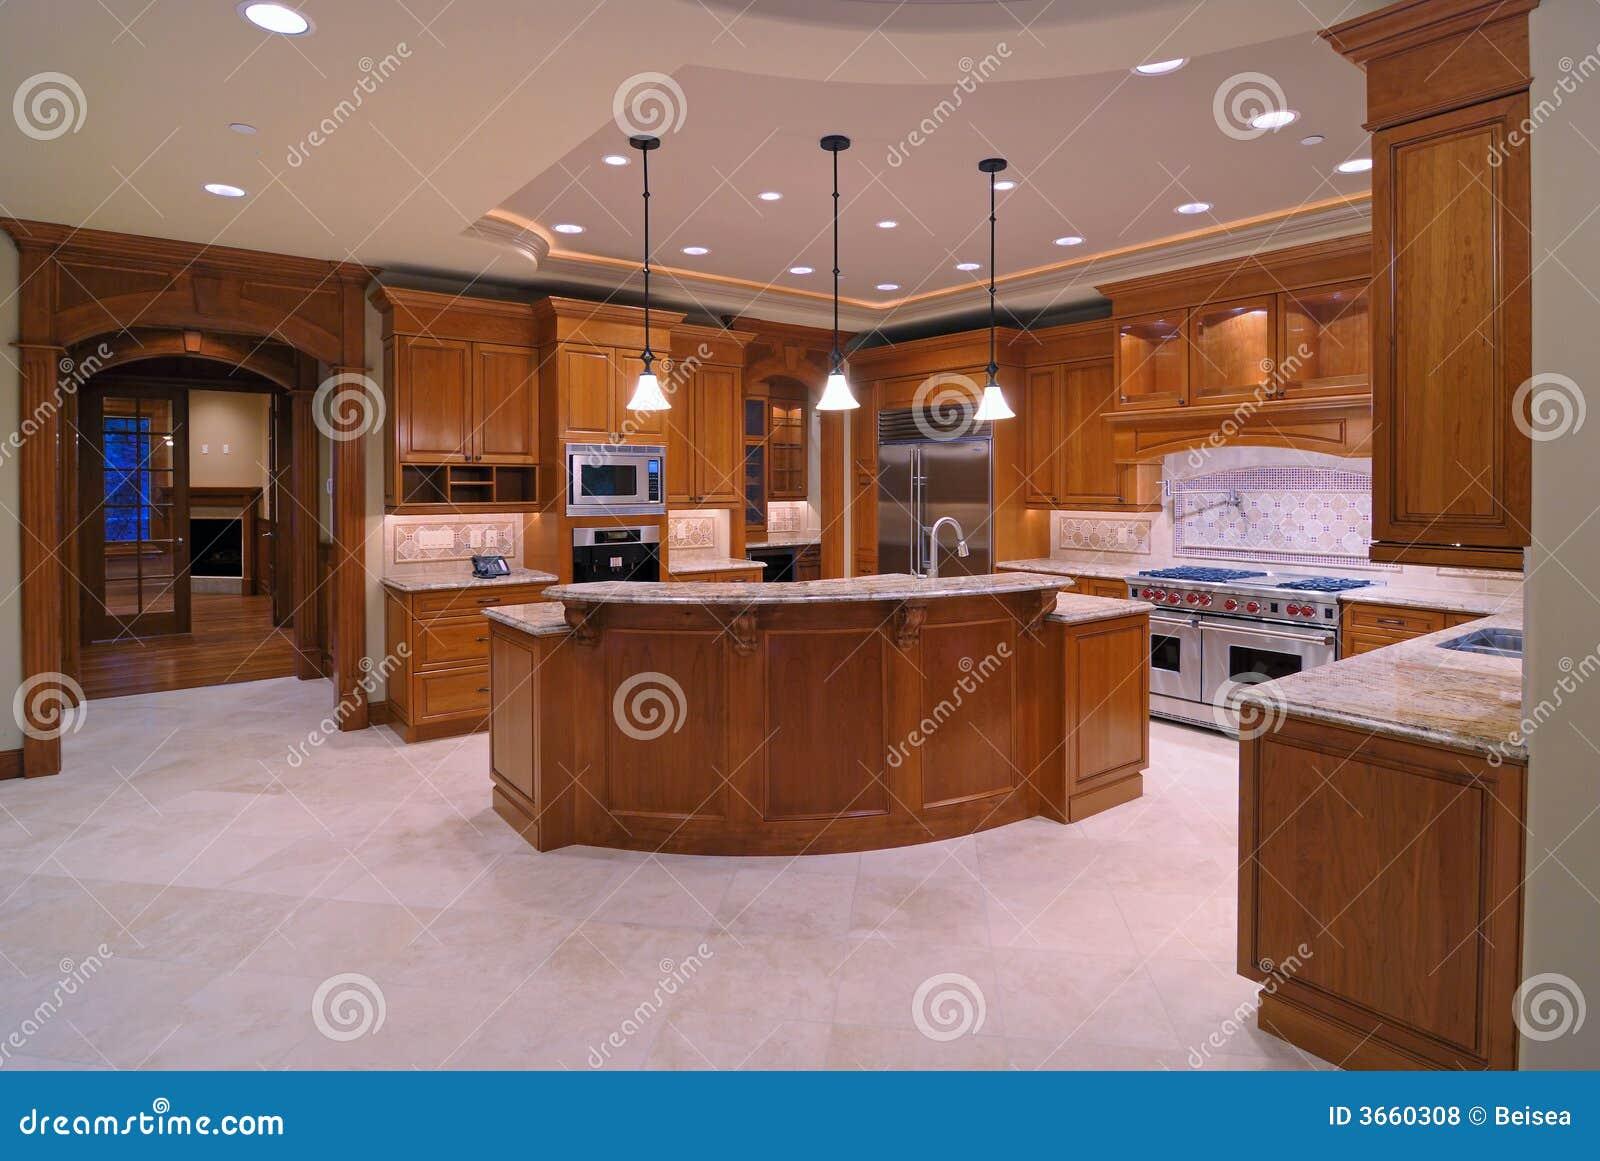 Cocinas americanas foto de archivo imagen de techo for Imagenes de muebles de cocina americanas